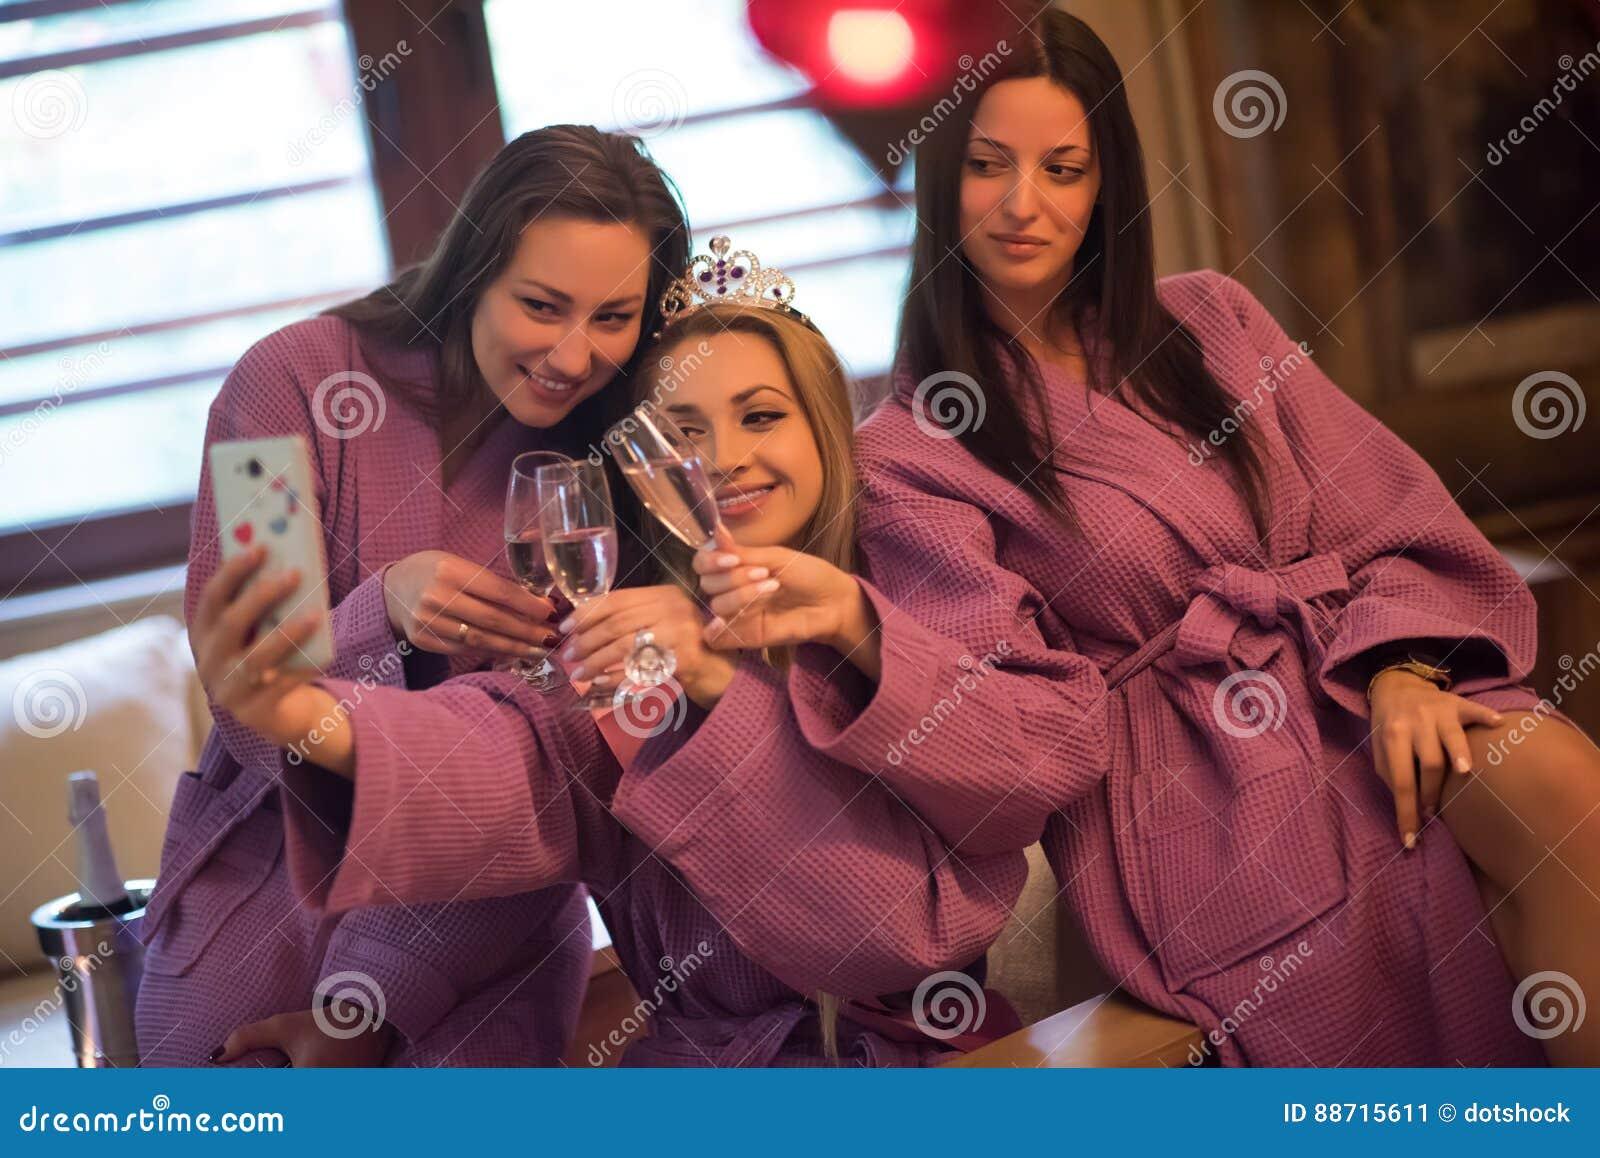 Download Meisjes Die Selfy Op Vrijgezellinpartij Doen Stock Afbeelding    Afbeelding Bestaande Uit Alcohol, Vriendschap